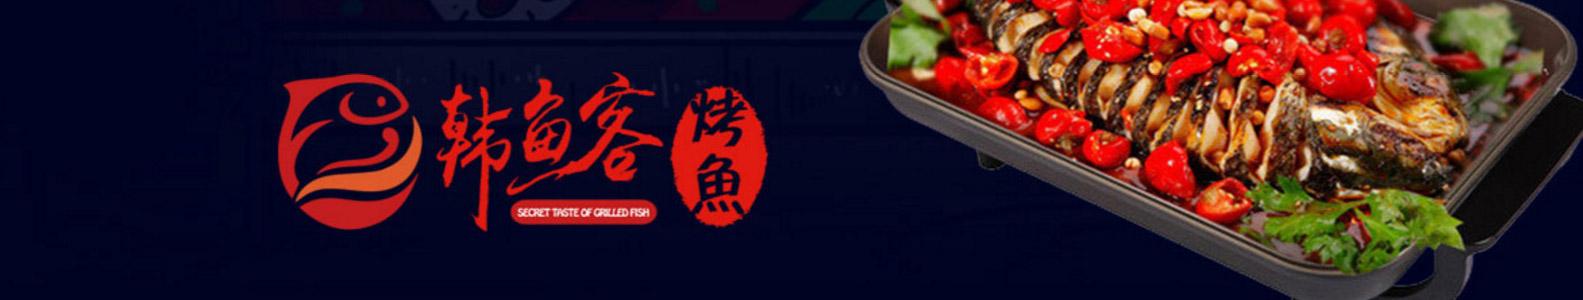 韓魚客烤魚韓魚客烤魚_48